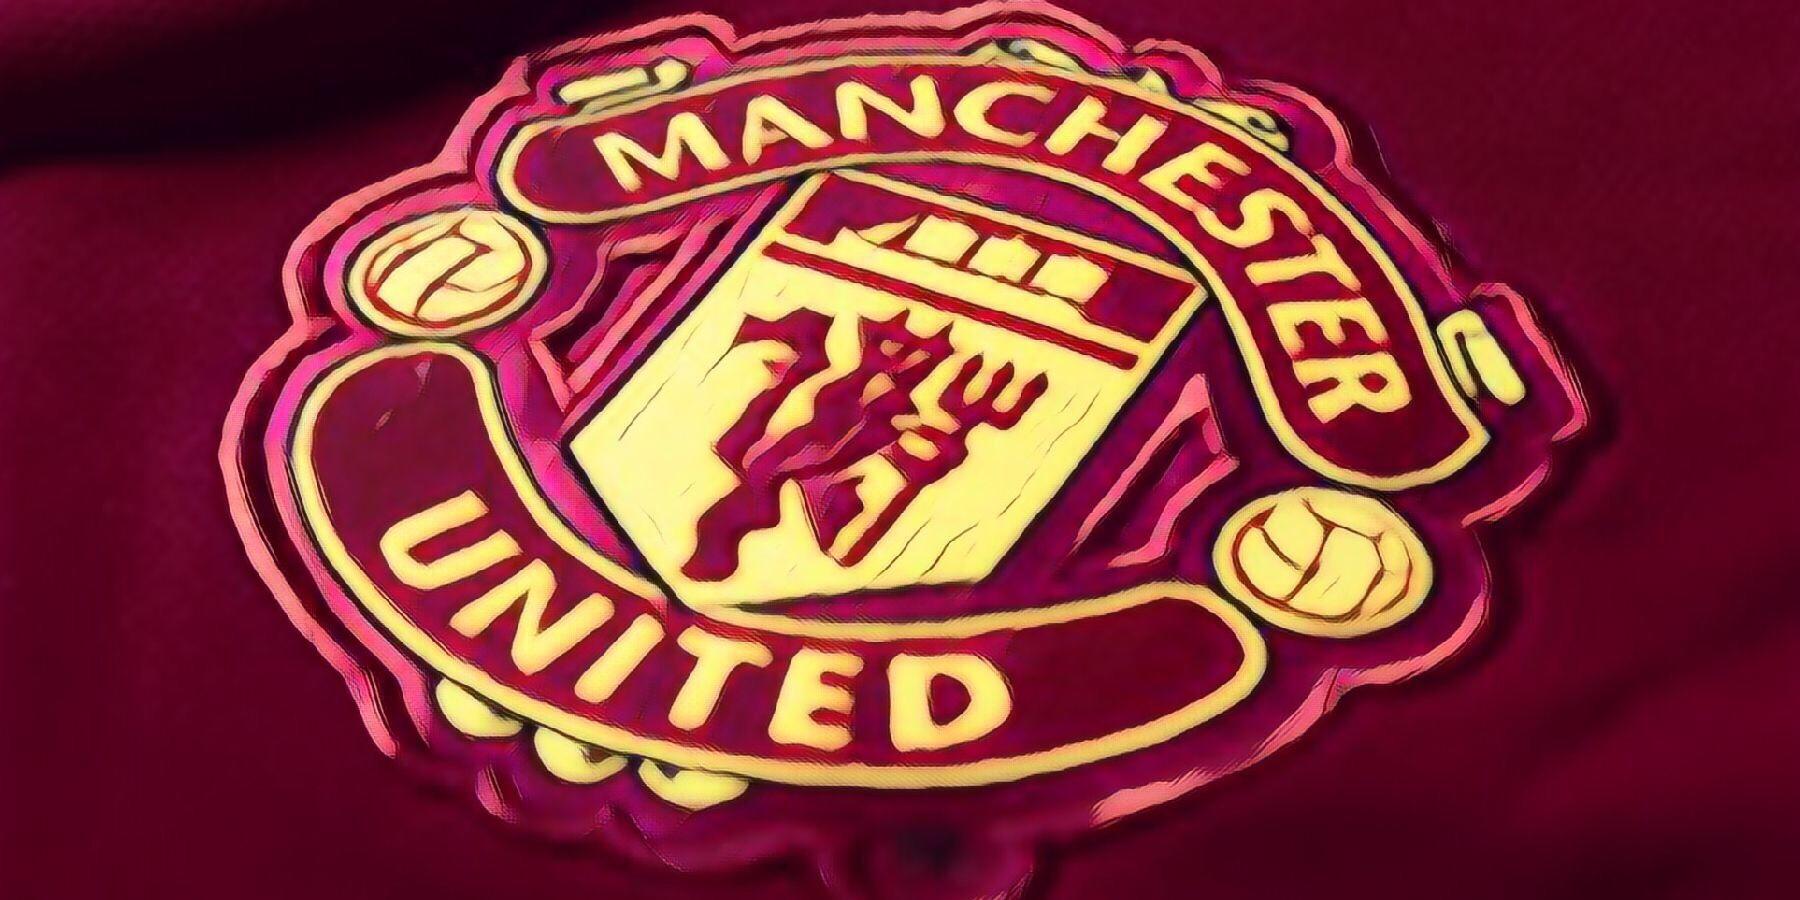 Man Utd Badge The Football Faithful